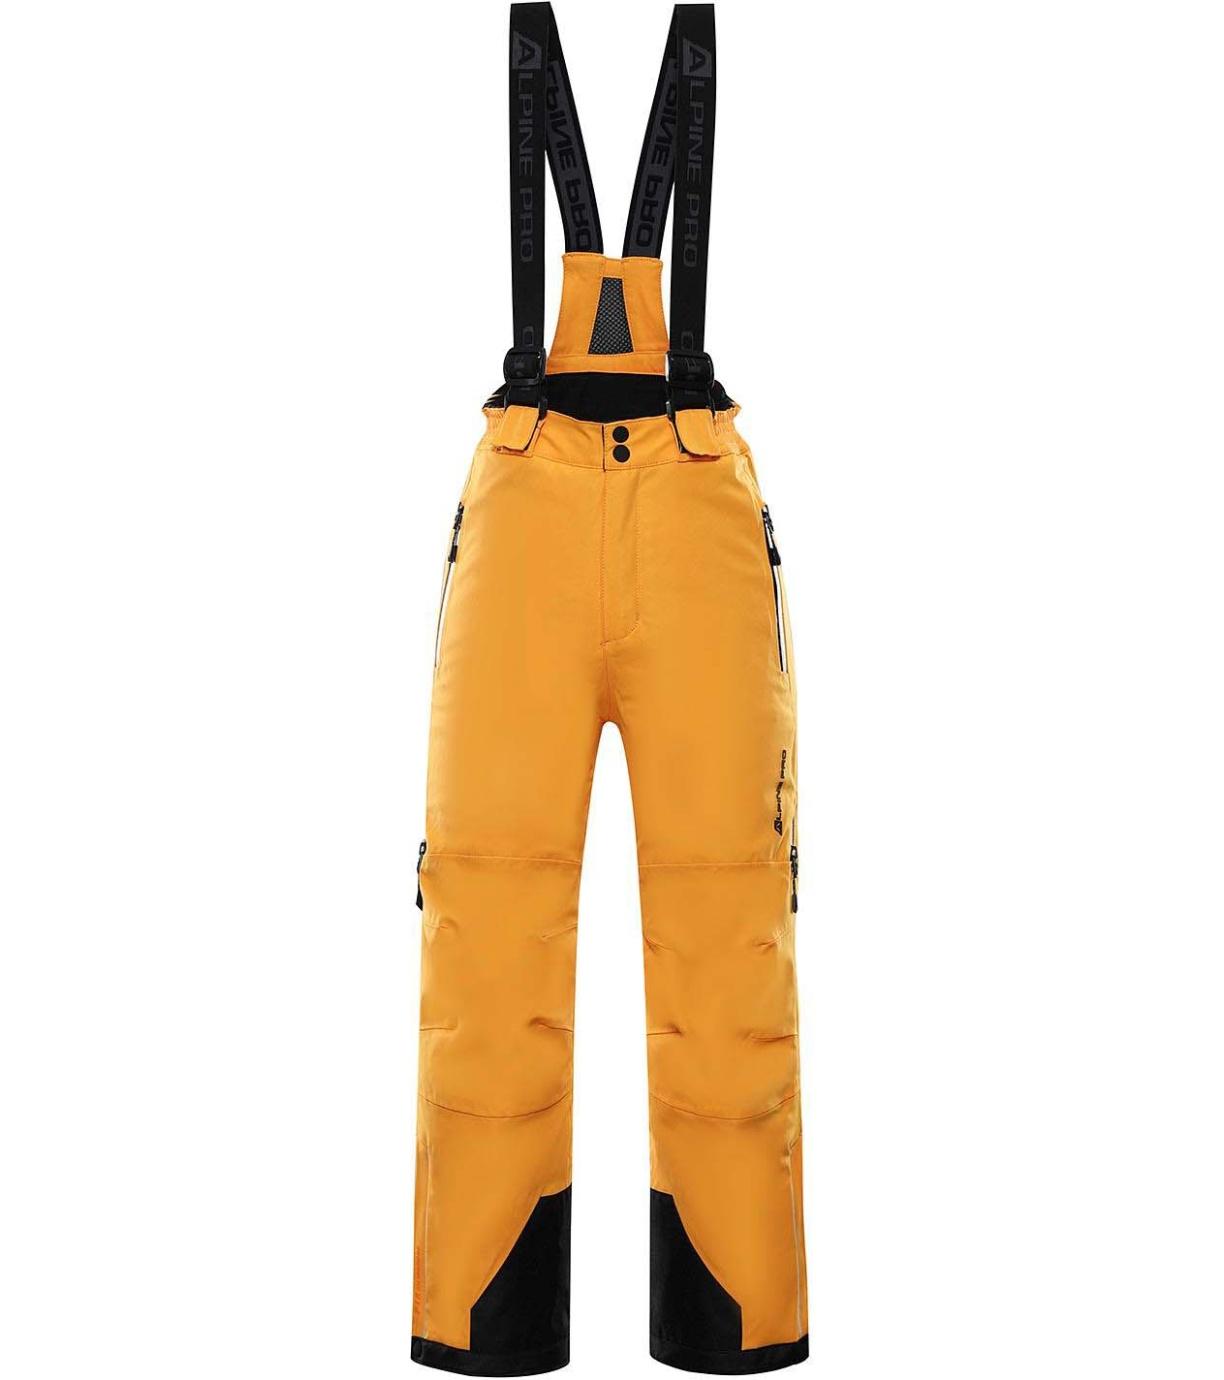 ALPINE PRO NUDDO 5 Dětské lyžařské kalhoty KPAS202231 radiant yellow 128-134